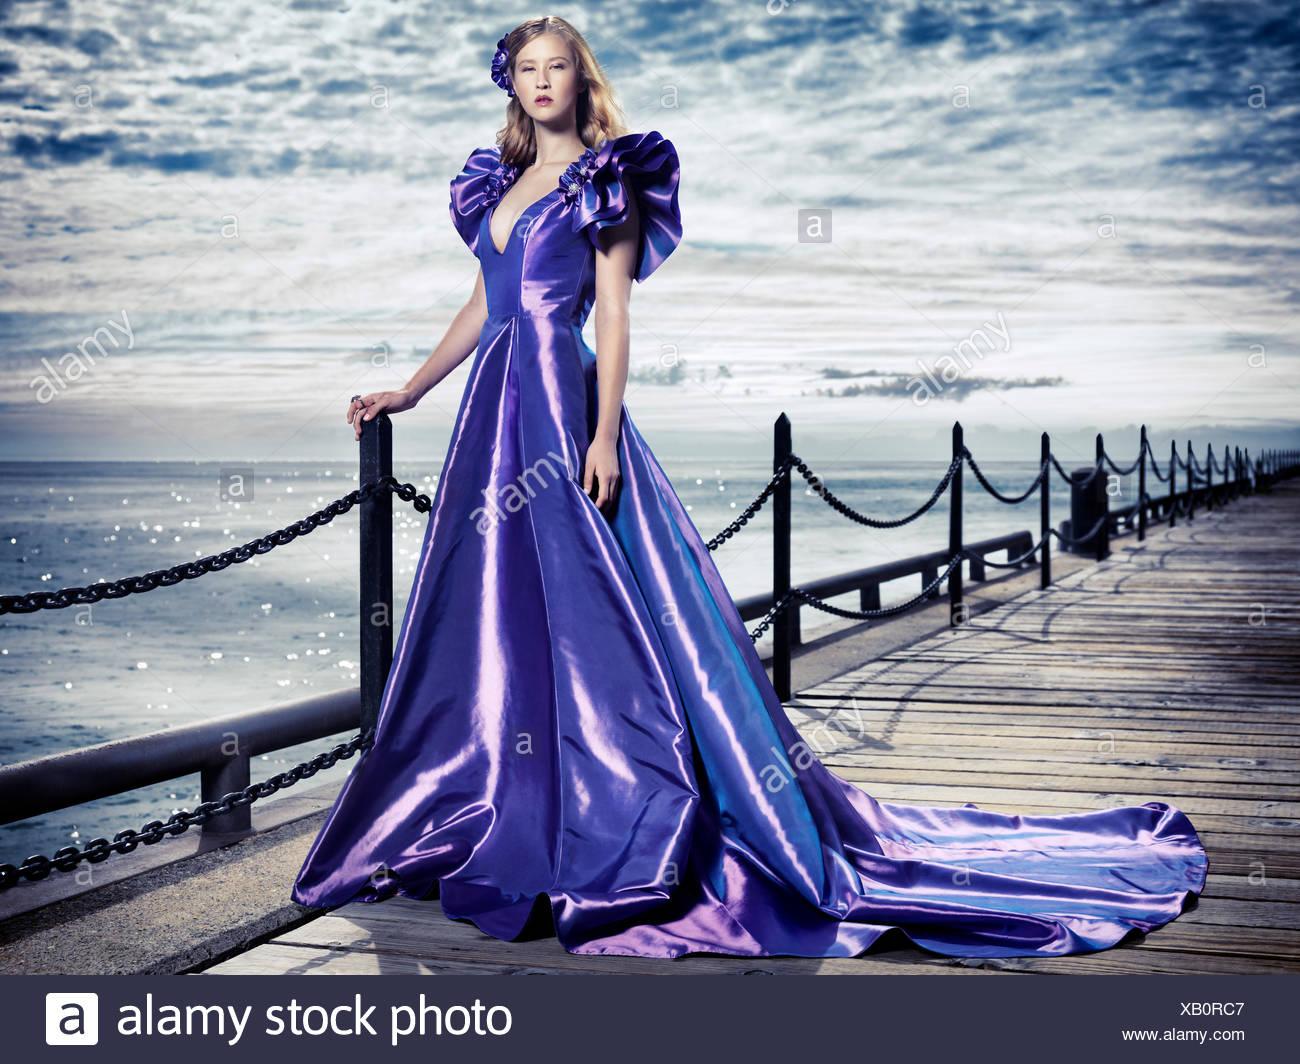 Evening_dress Imágenes De Stock & Evening_dress Fotos De Stock - Alamy